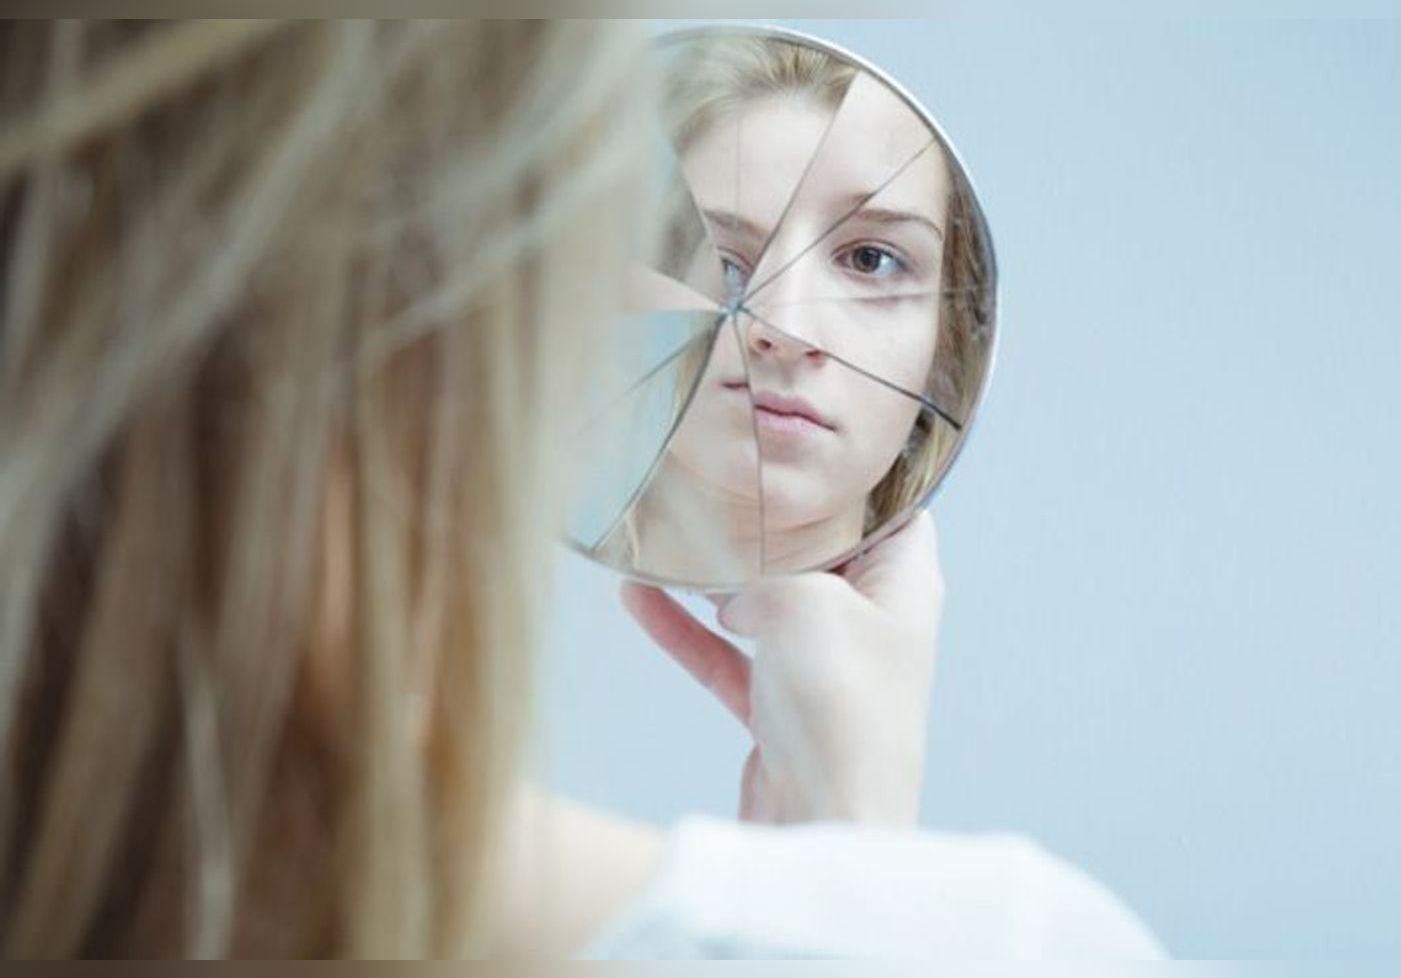 Syndrome de l'imposteur : pourquoi les femmes manquent-elles tant de confiance en elles ?